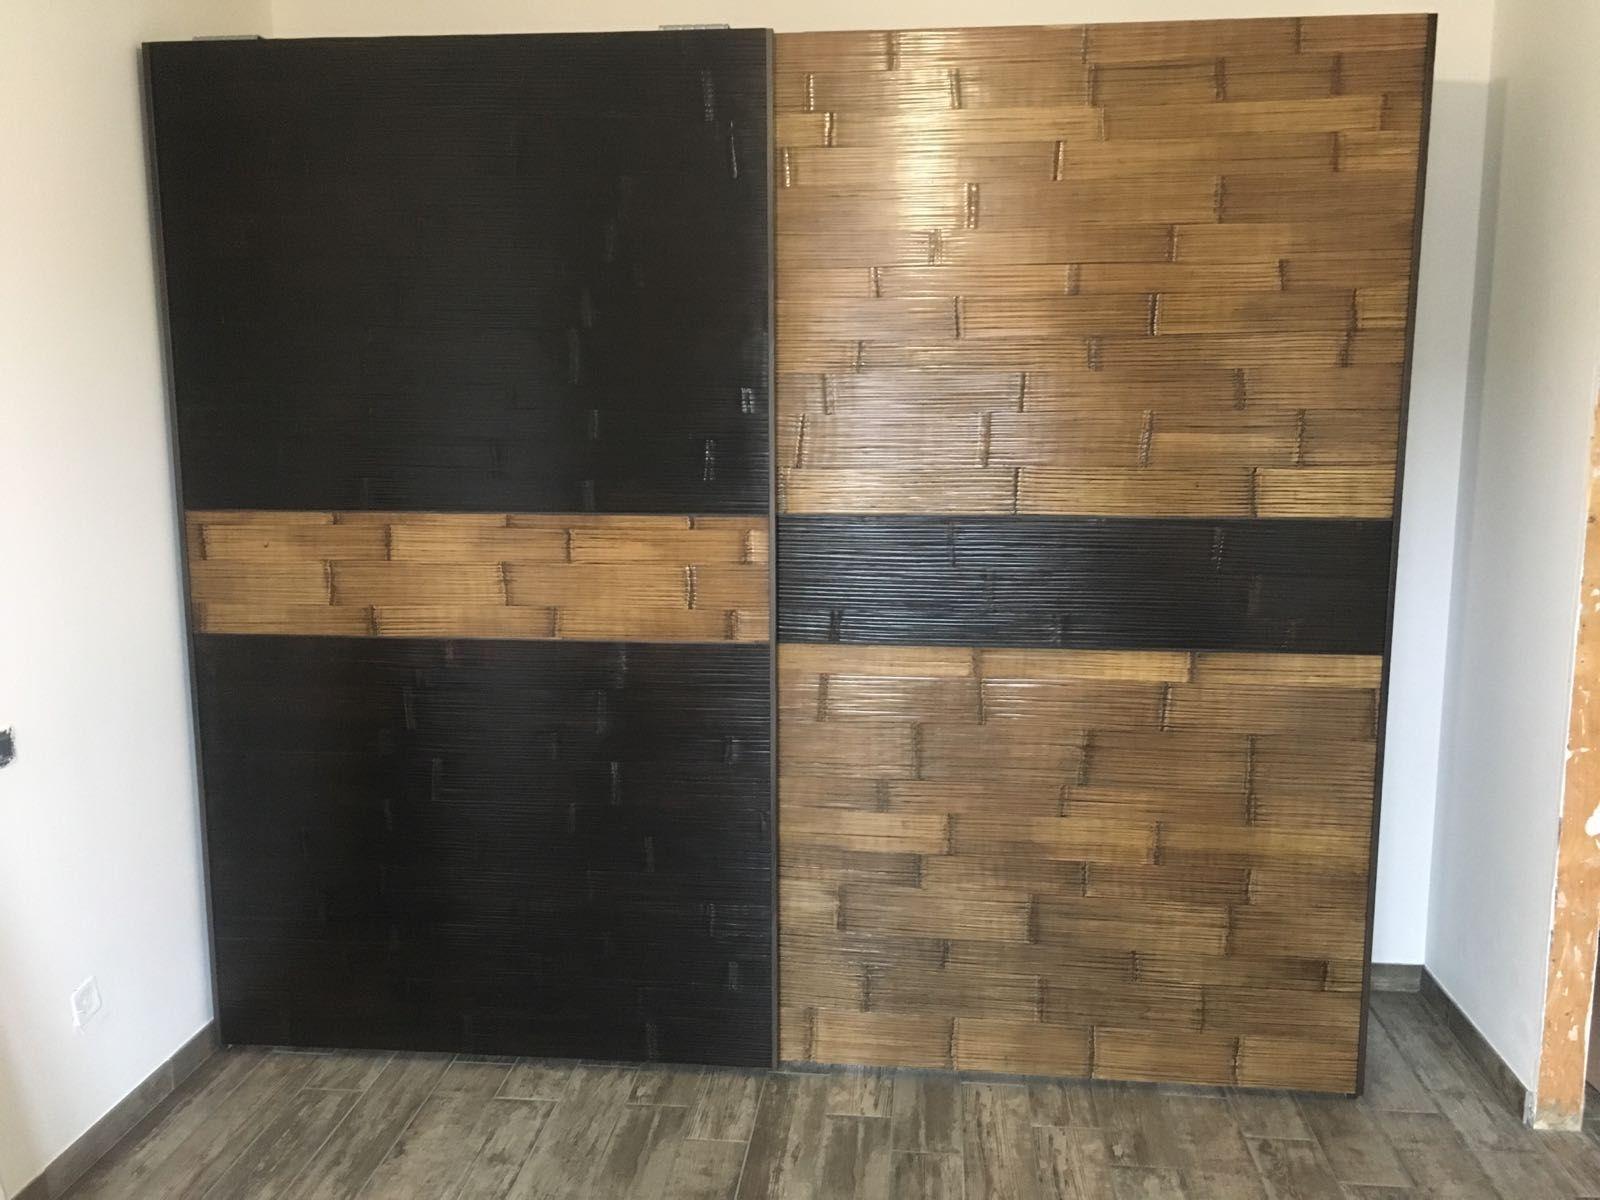 armadio 2 ante maxi da cm 140 scorrevole in legno e bamboo ...